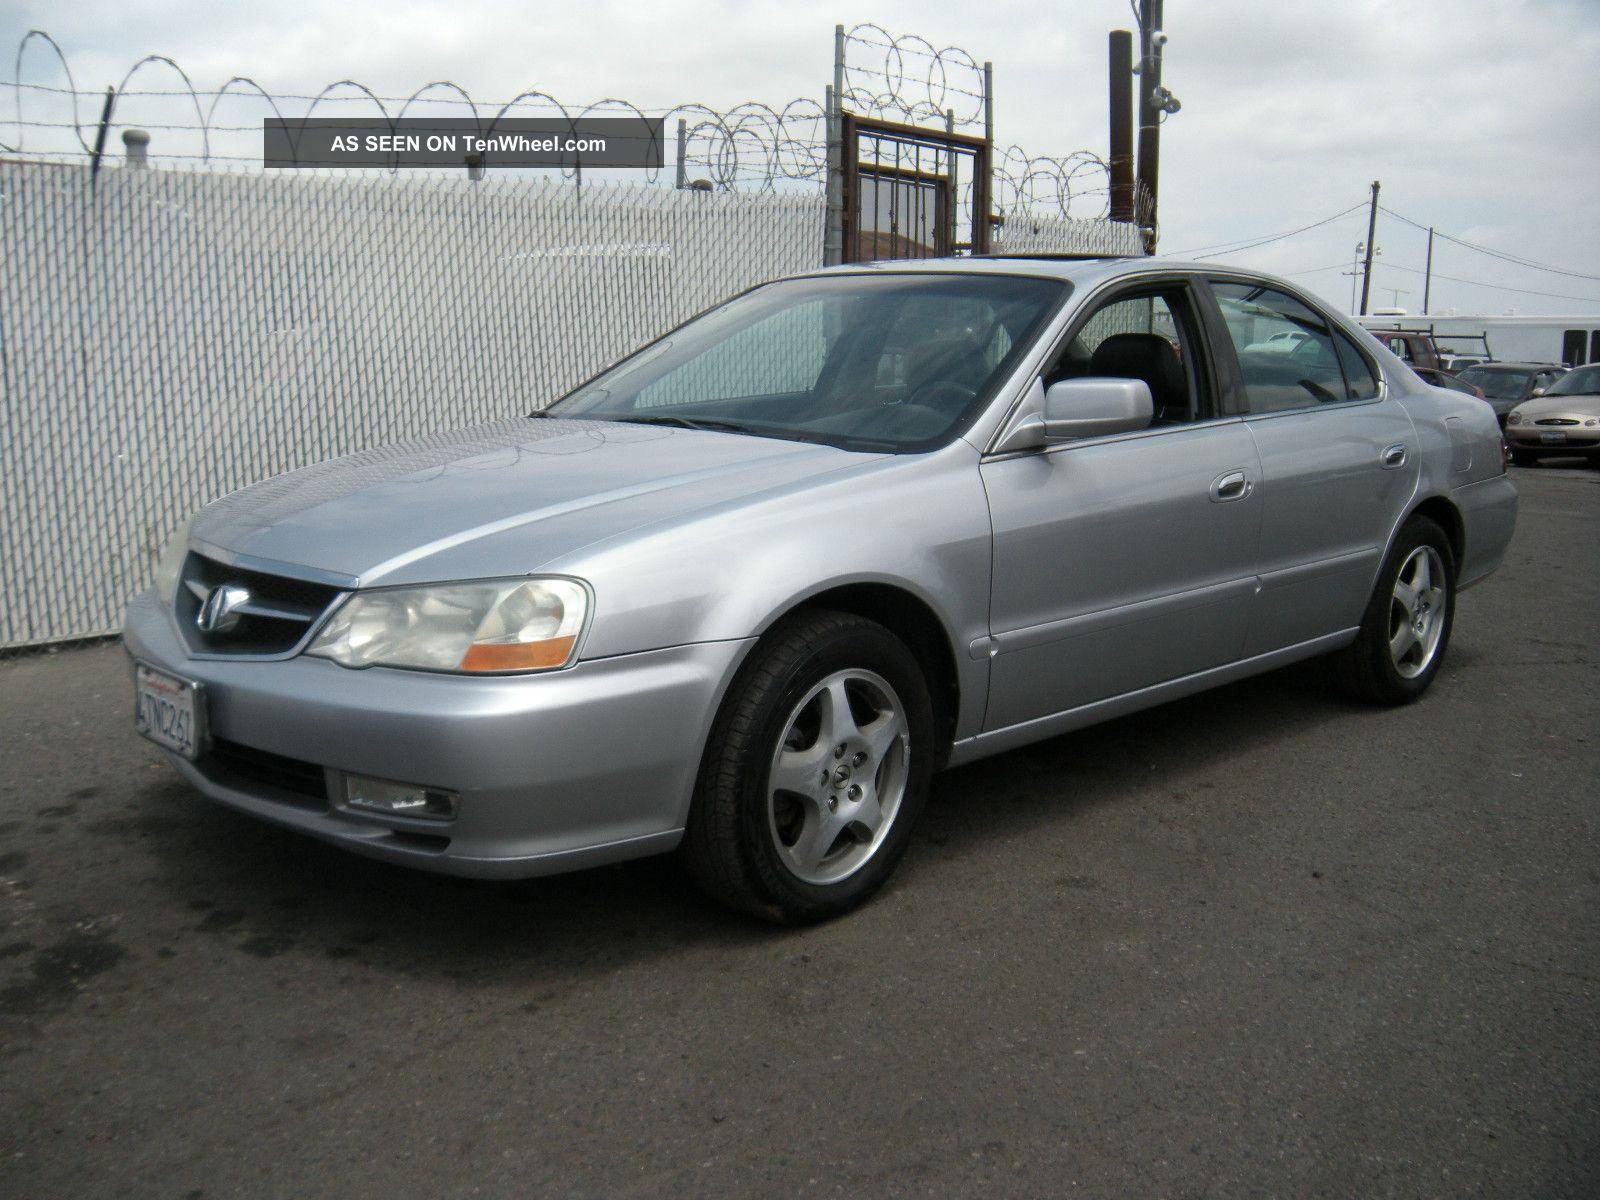 2002 Acura Tl, TL photo